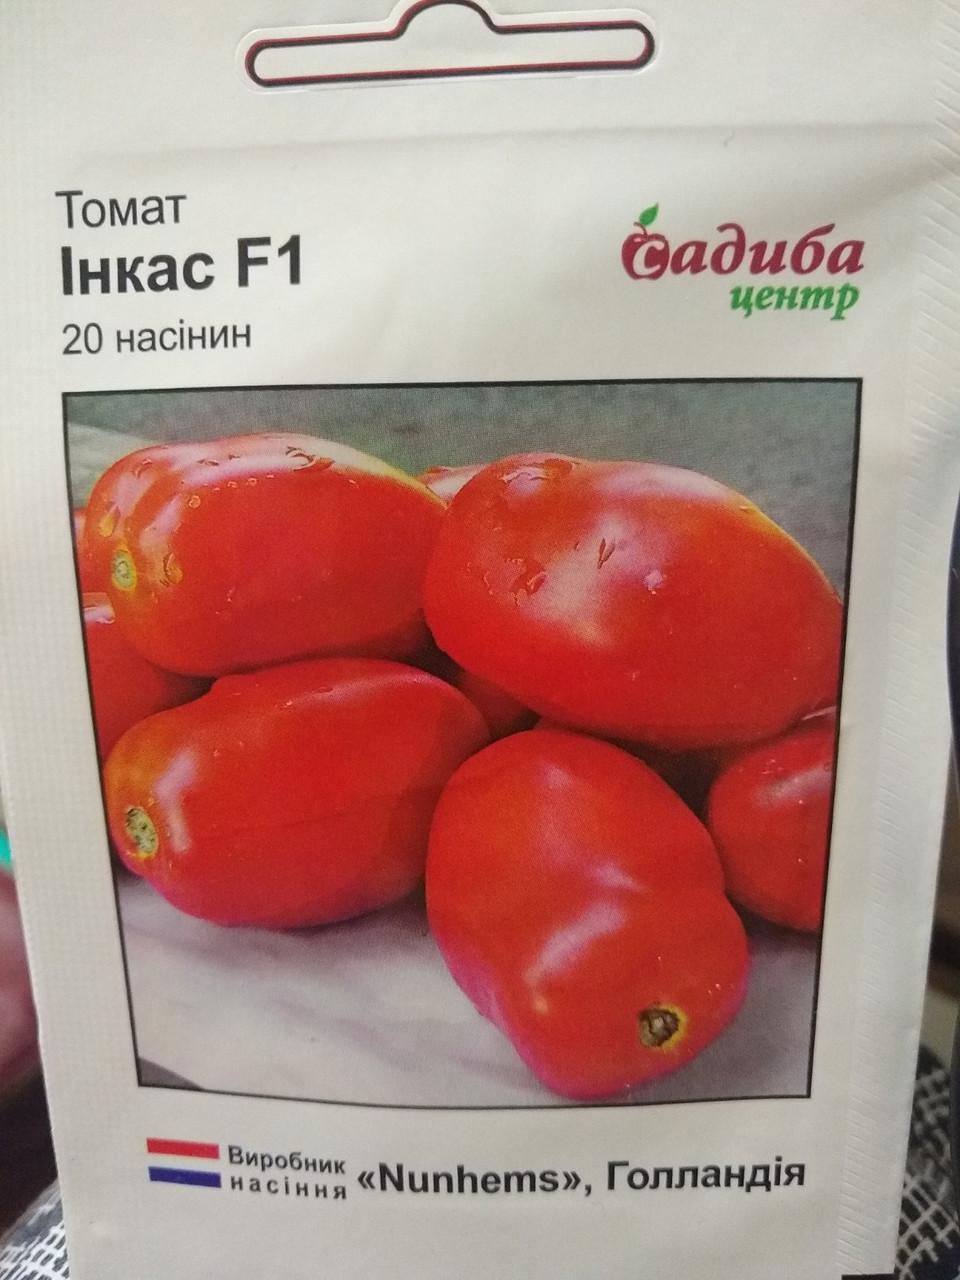 Насіння томату раннього кущового гібрида среднерослого тип сливка Інкас F1 20 насінин Nunhems Голландія